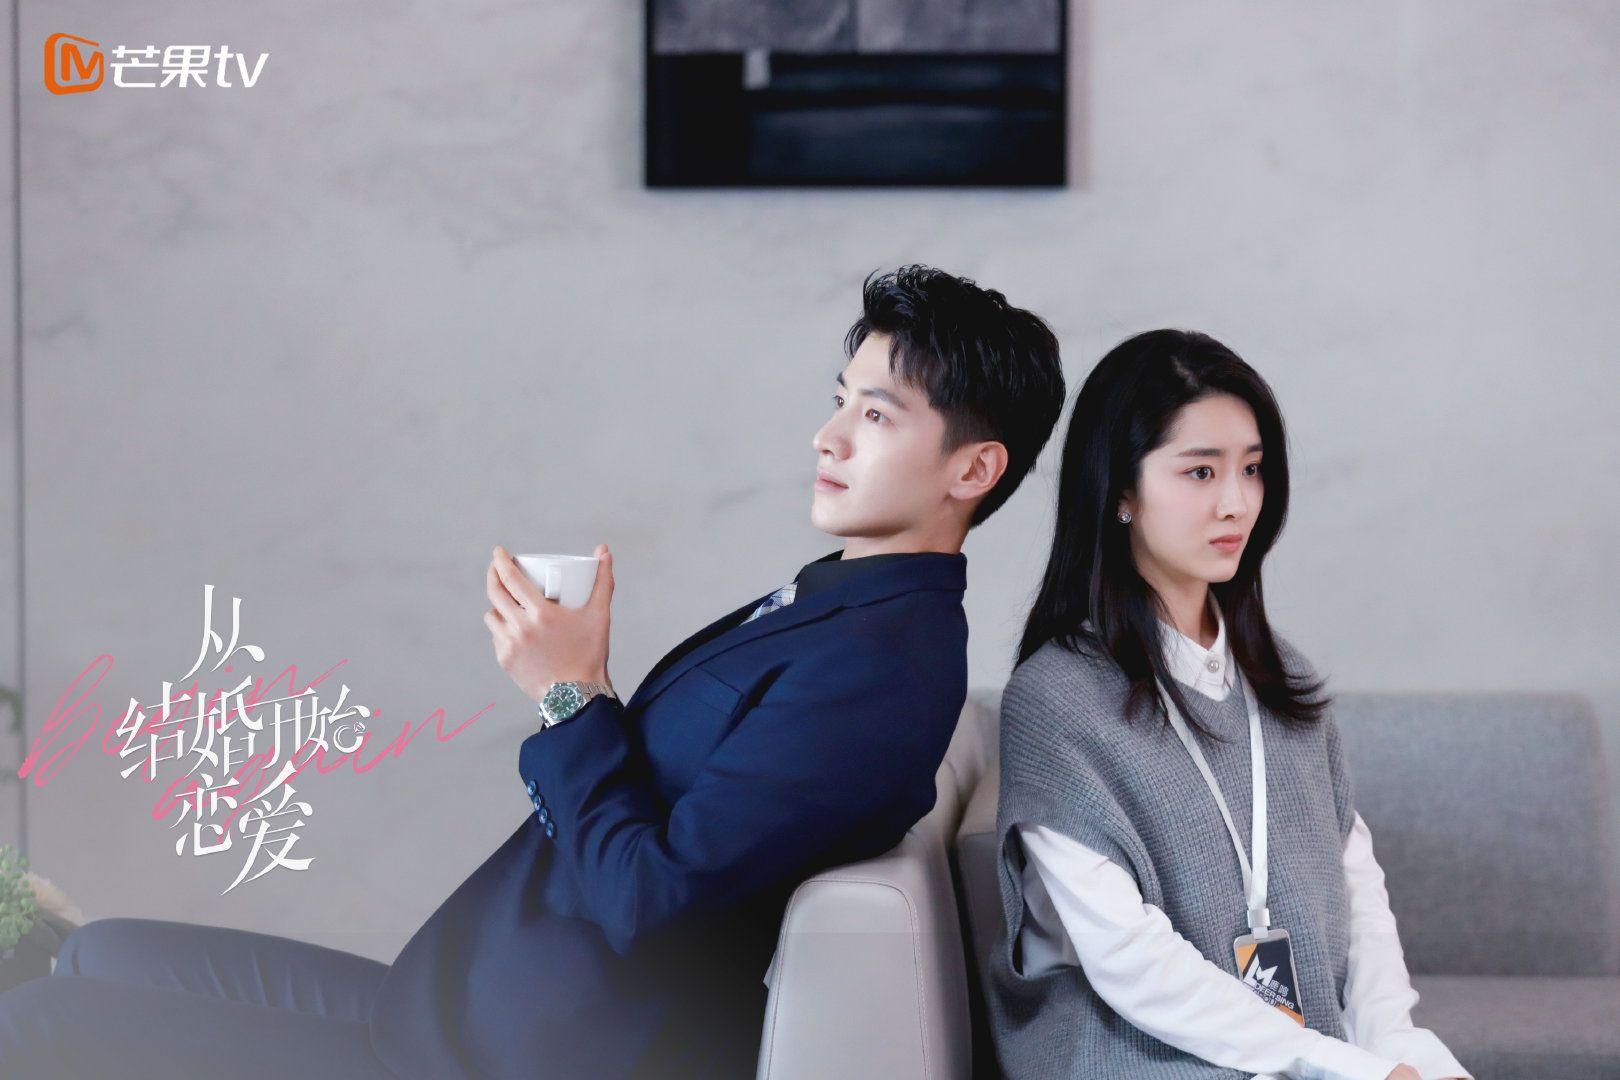 Kết Hon Rồi Bắt đầu Yeu Chines Drama Drama Begin Again